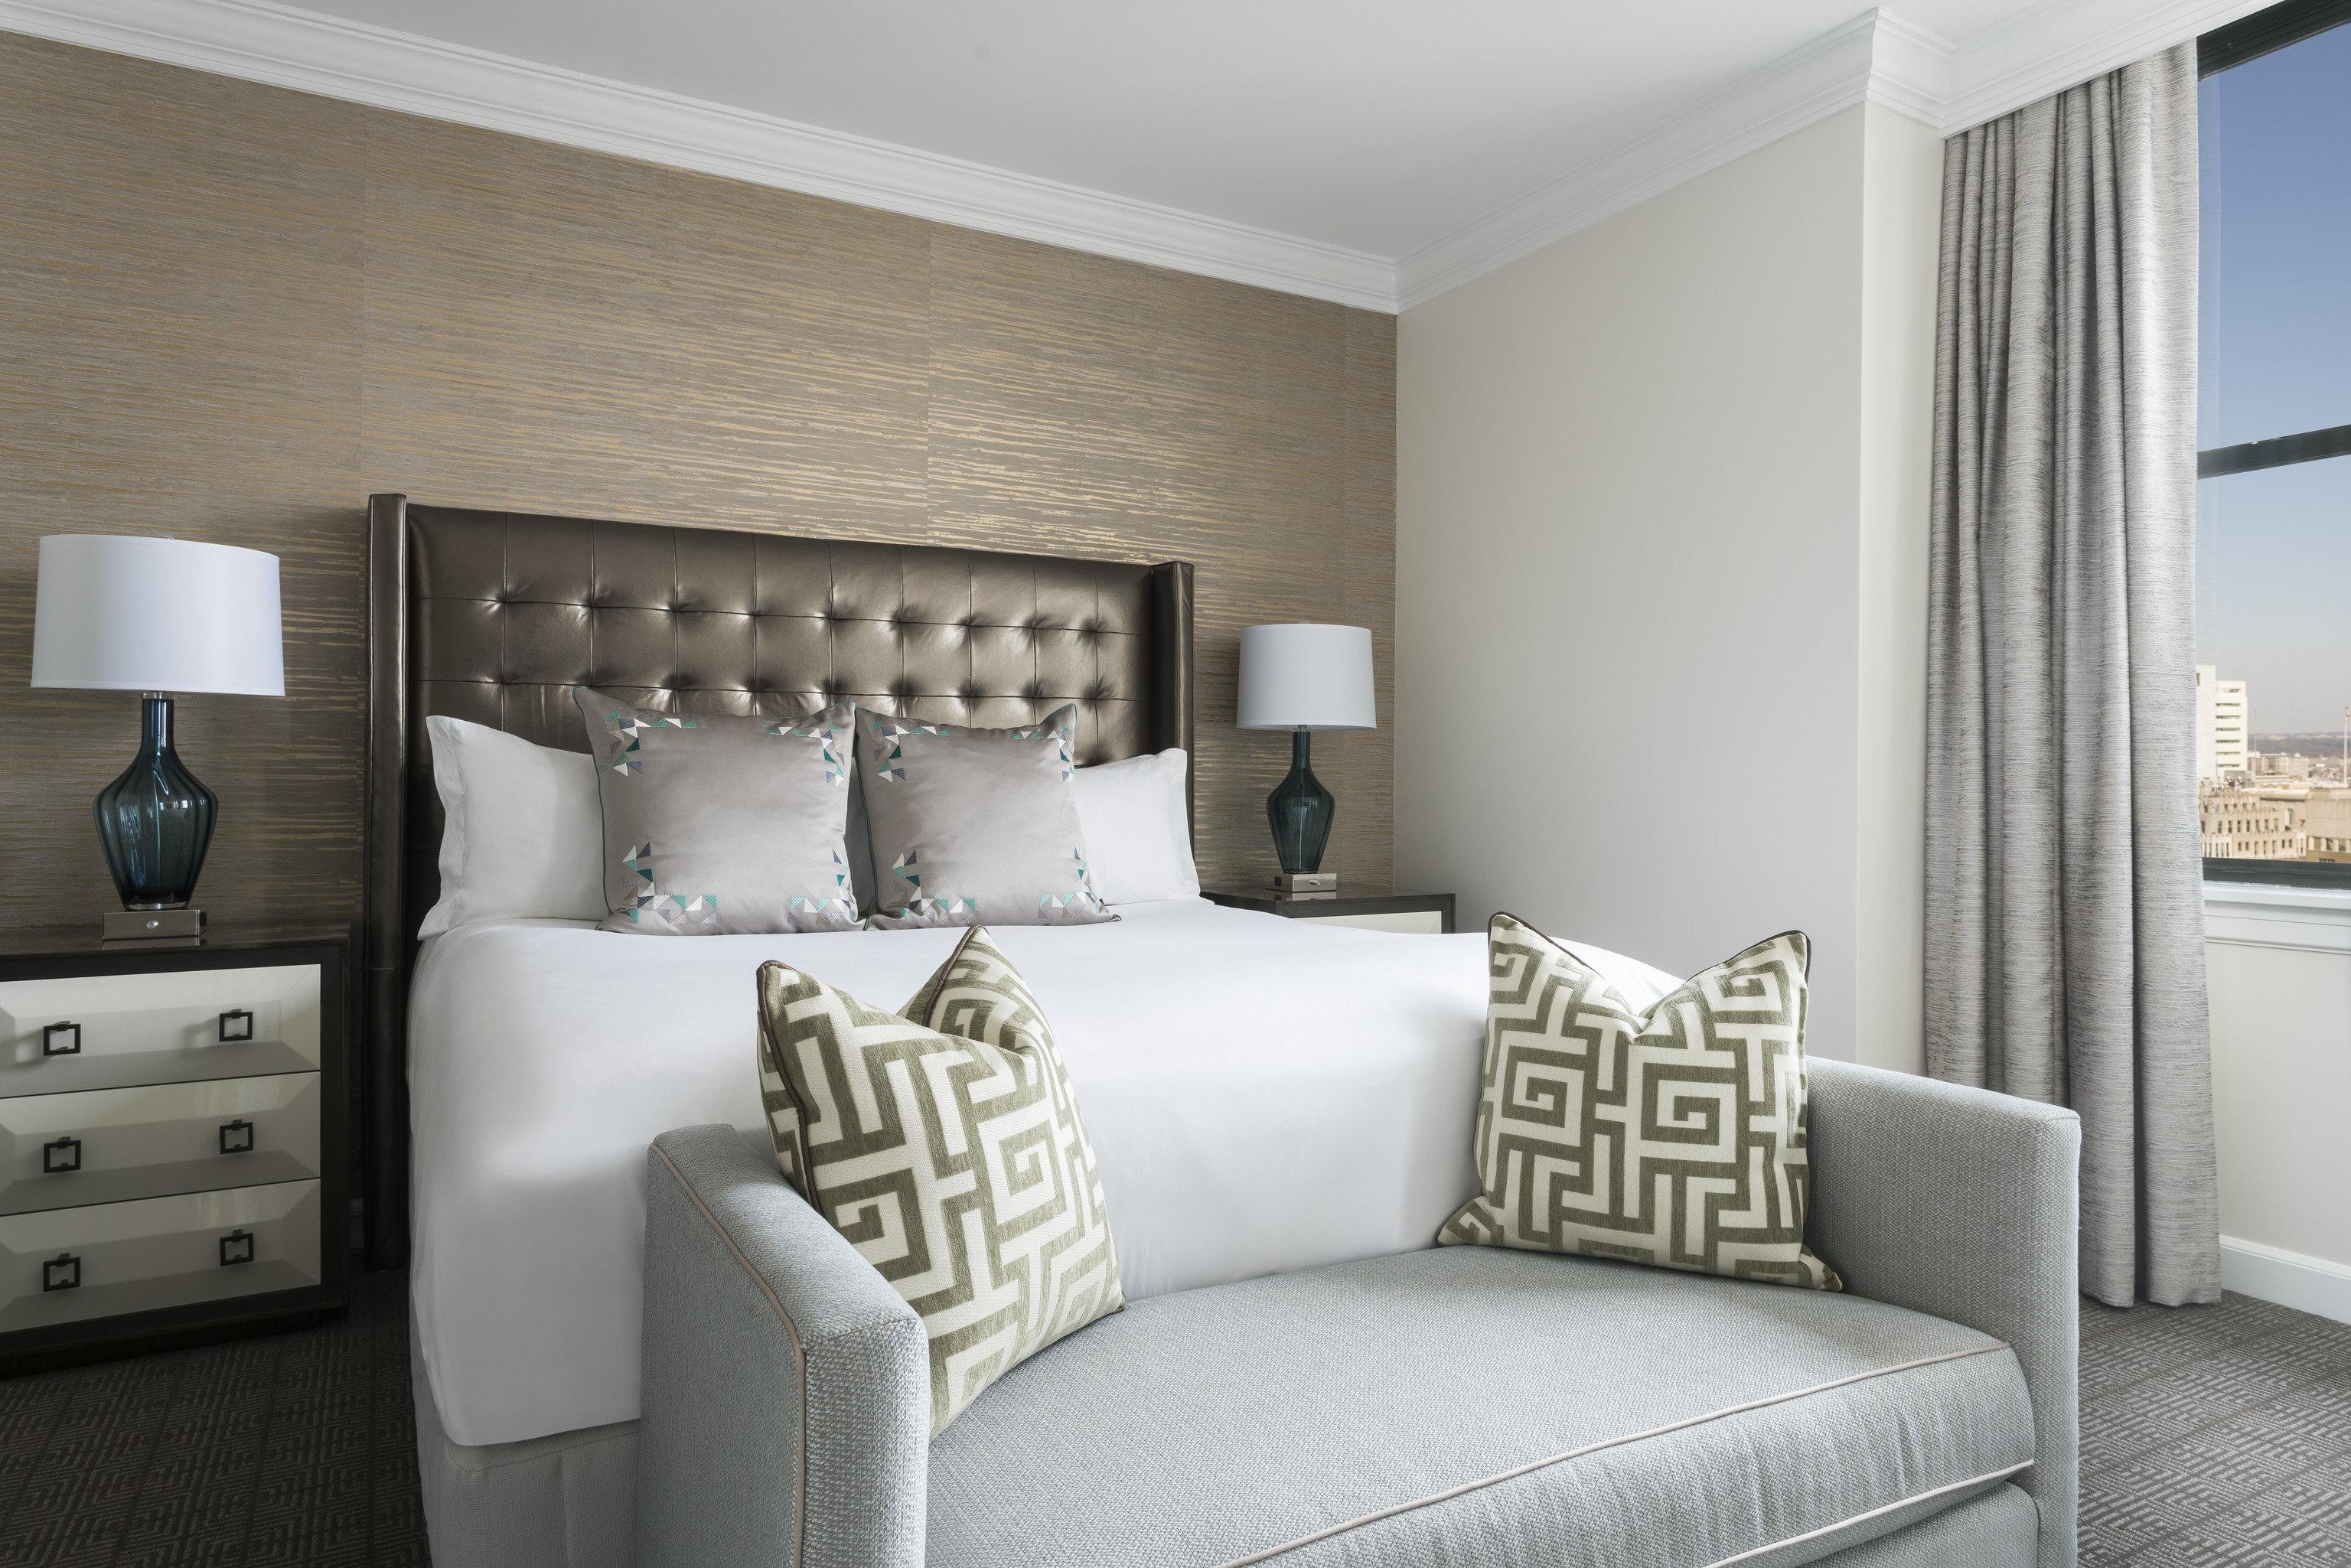 Boutique Hotels Hotels Philadelphia sofa bed frame Suite Bedroom home living room interior designer bed sheet pillow seat